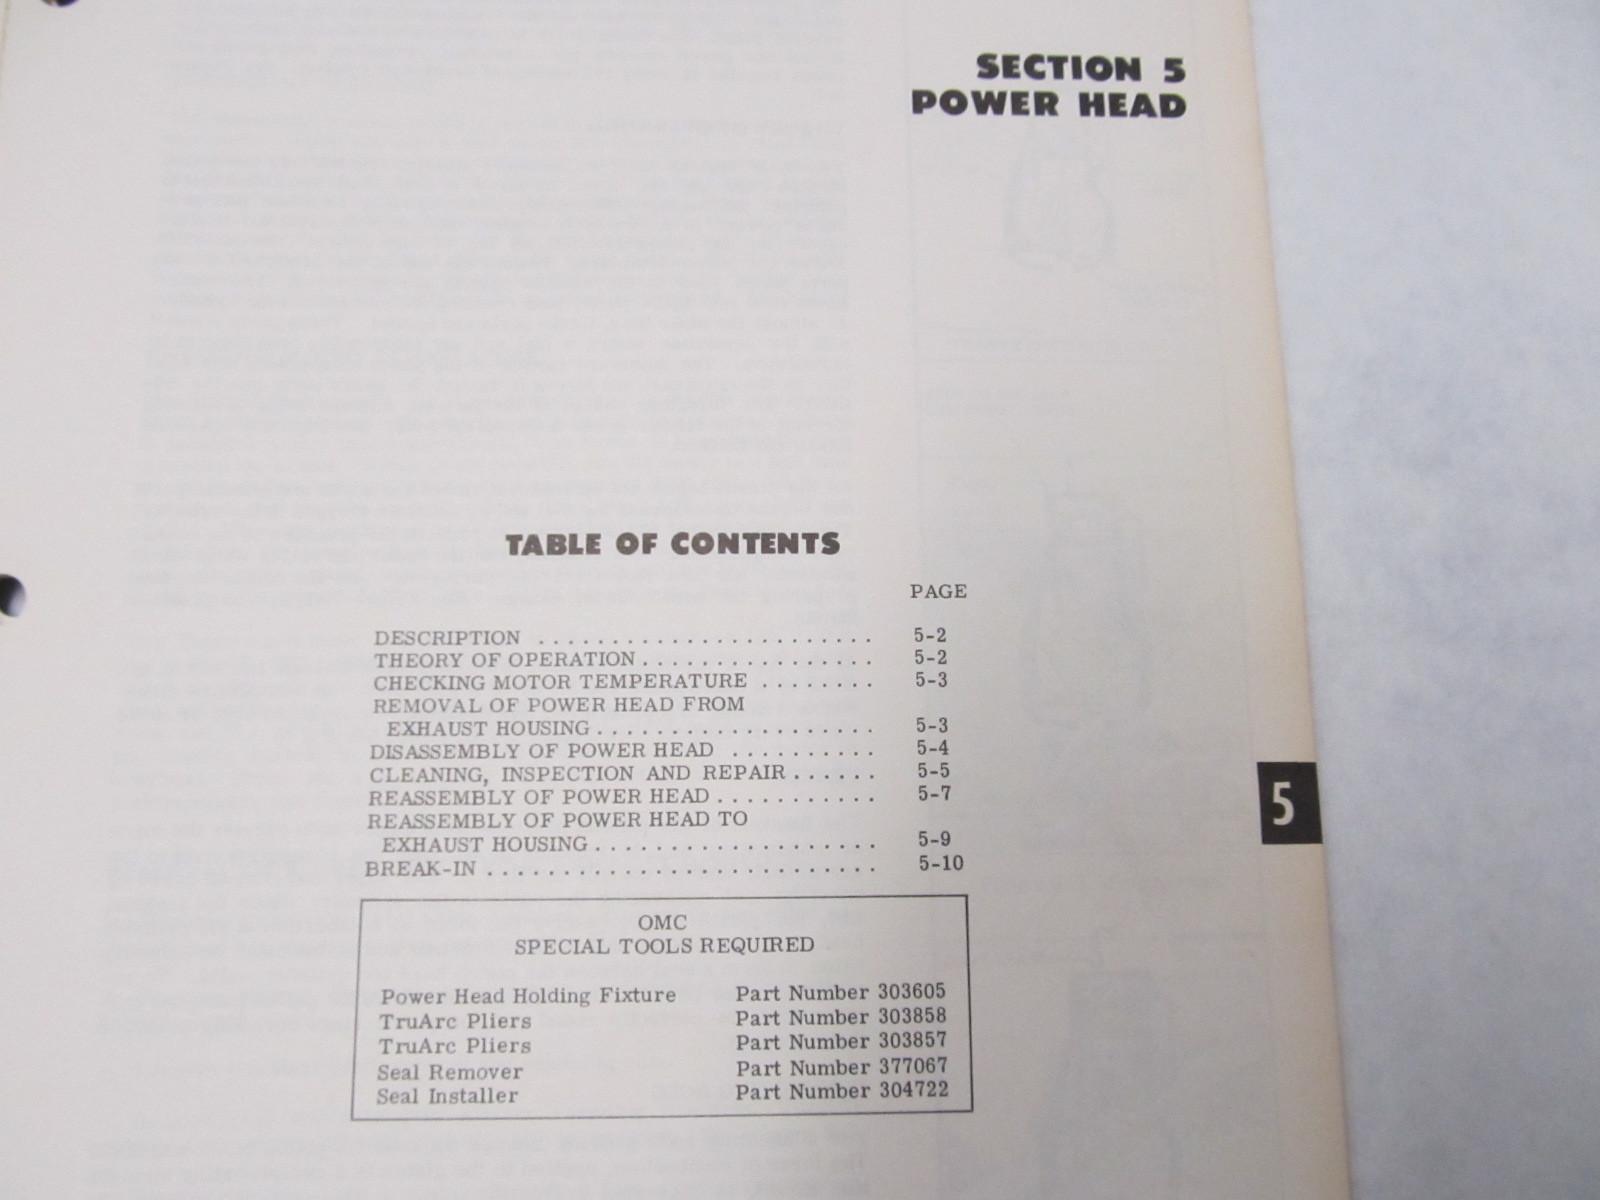 1974 Evinrude 25 Hp Repair Manual